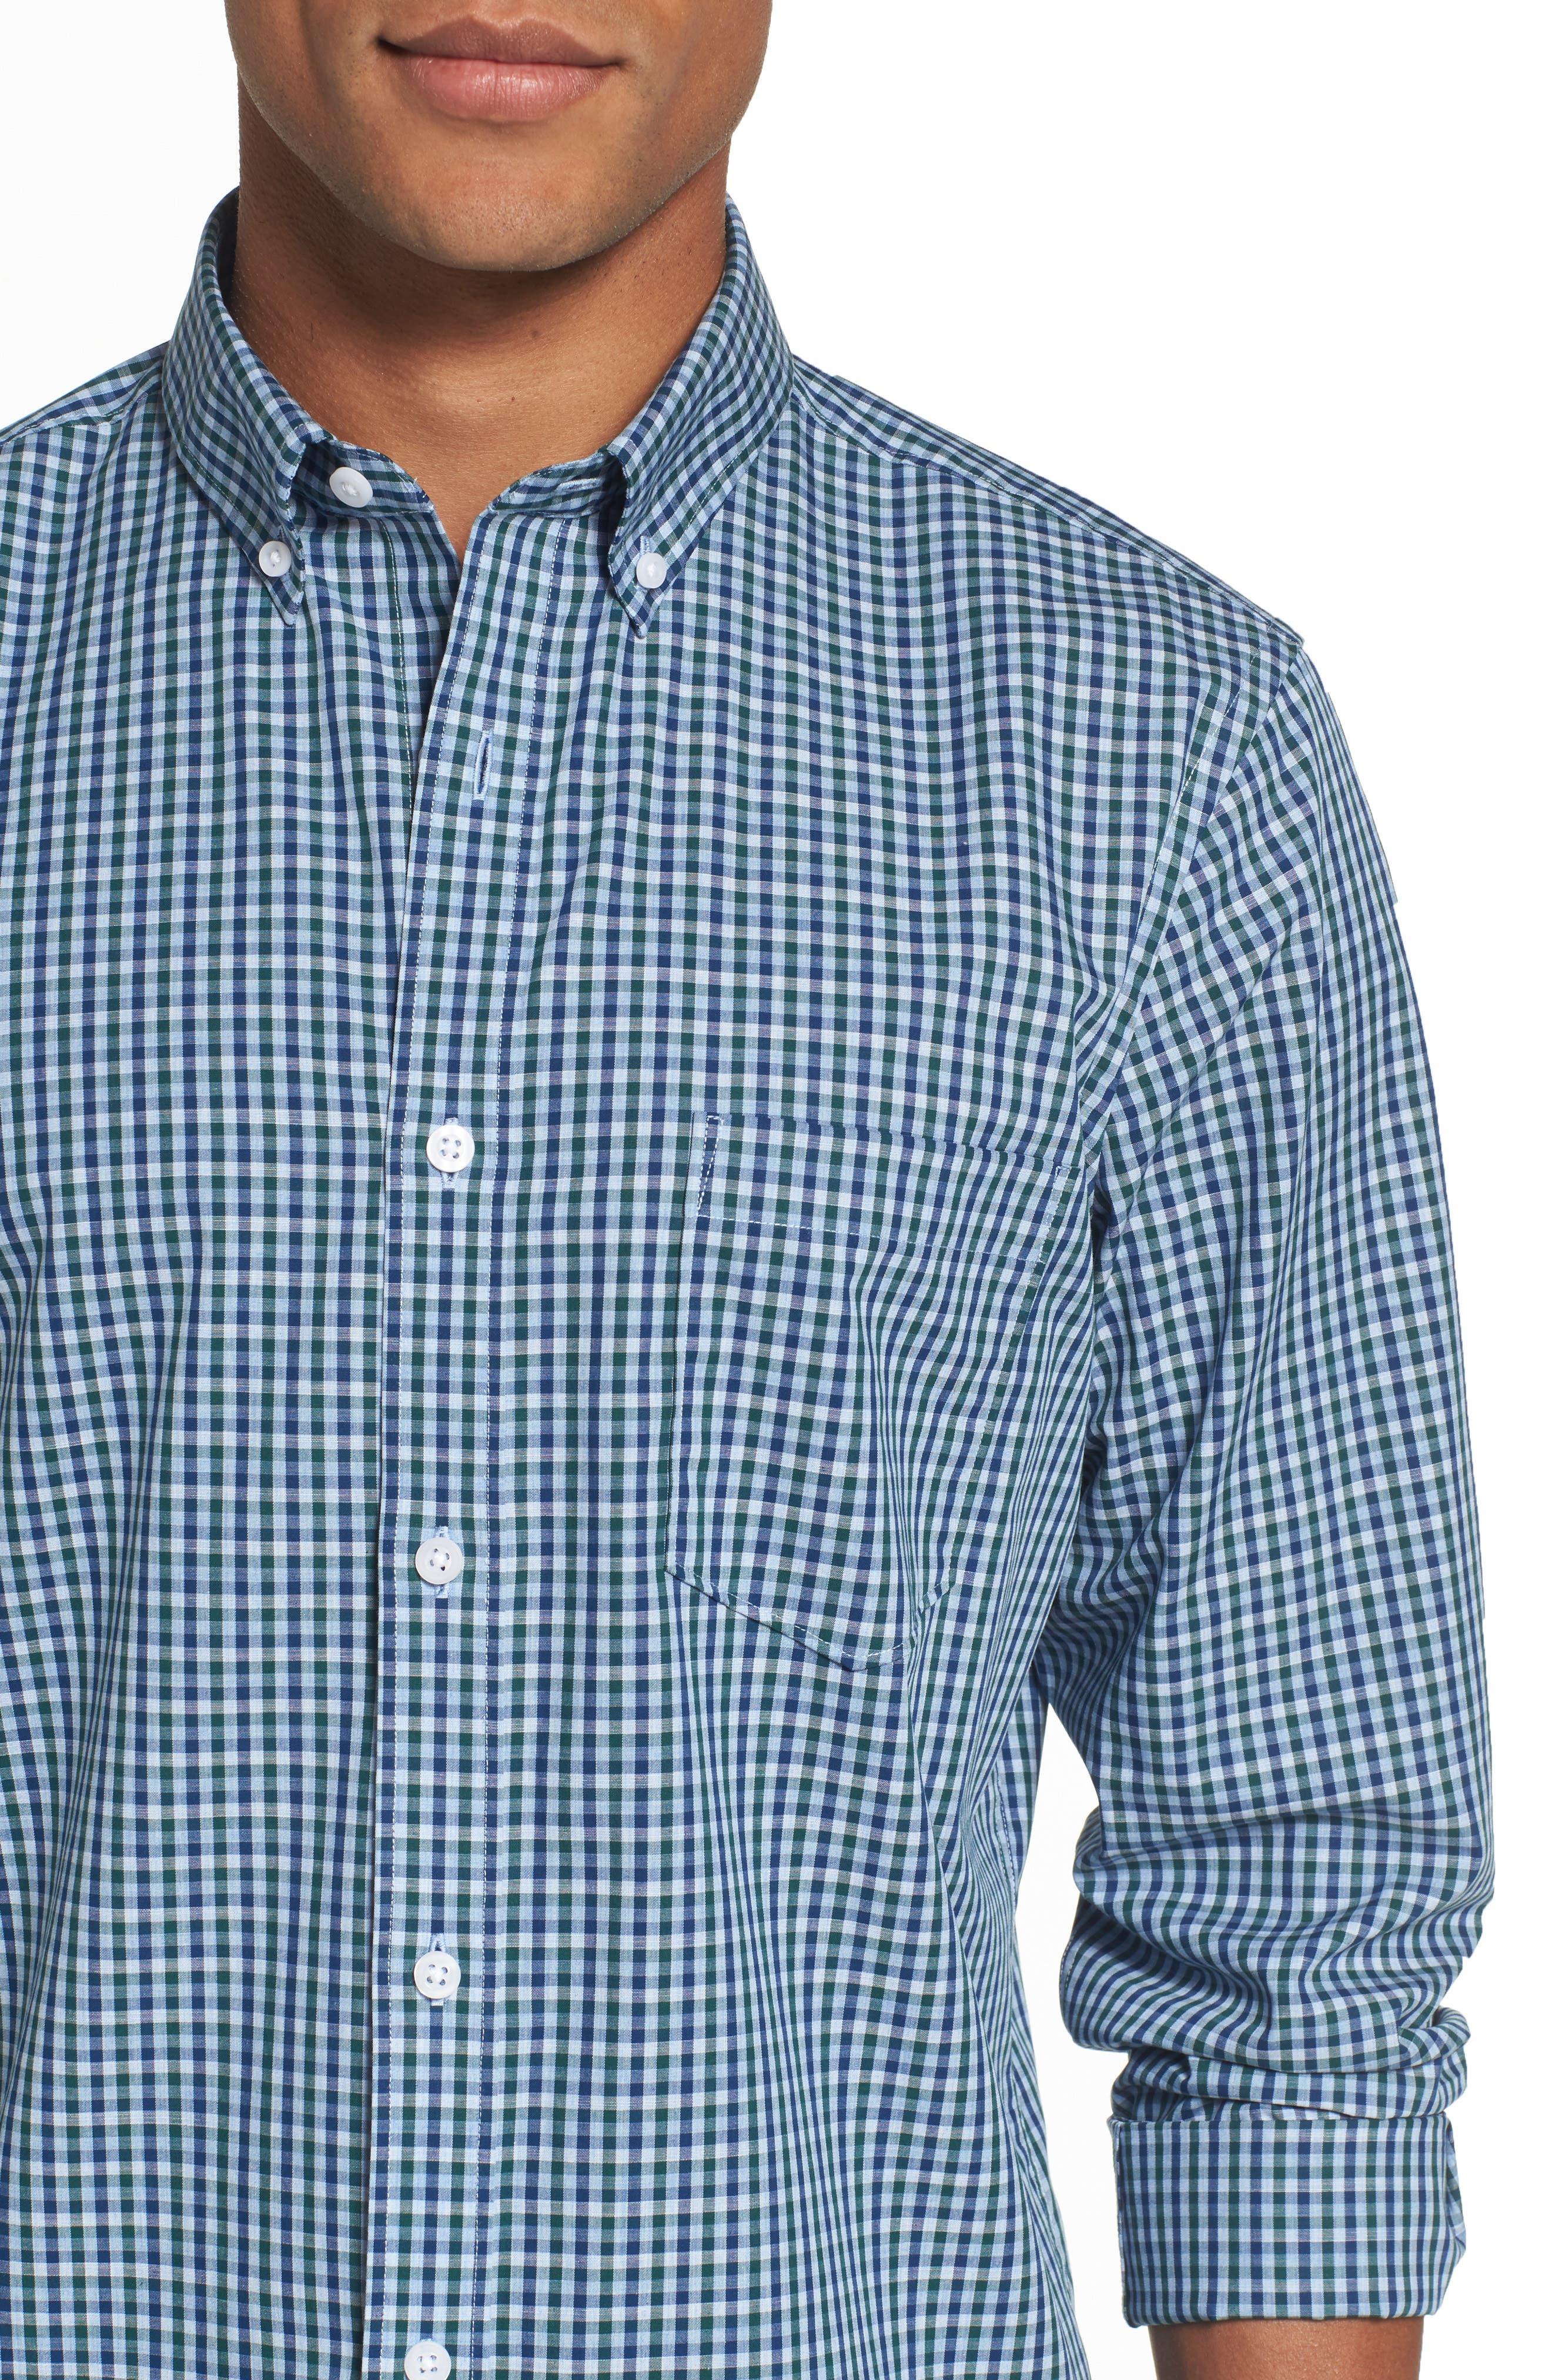 Regular Fit Non-Iron Mini Check Sport Shirt,                             Alternate thumbnail 4, color,                             310